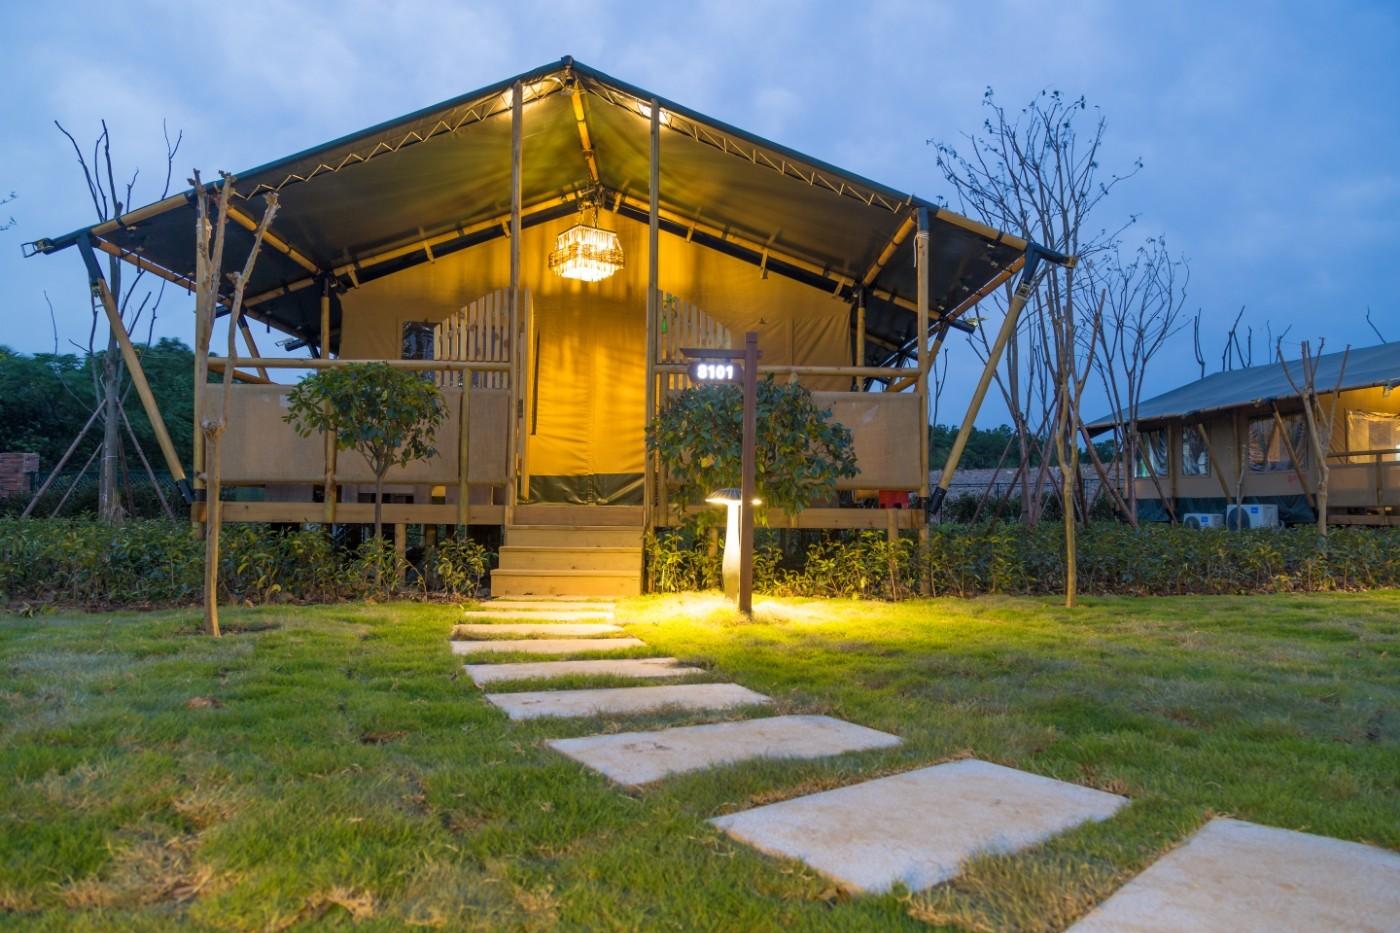 喜马拉雅野奢帐篷酒店—太湖湾露营谷10